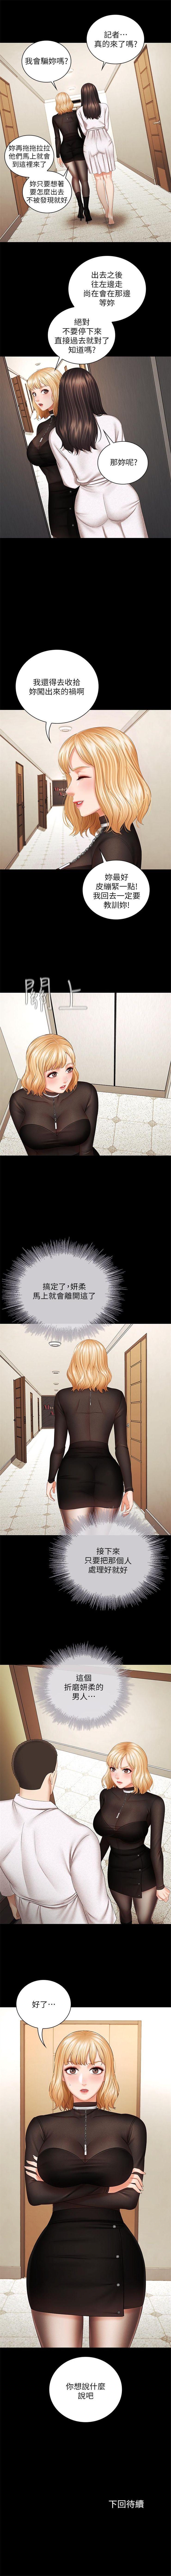 妹妹的義務 1-37 官方中文(連載中) 316